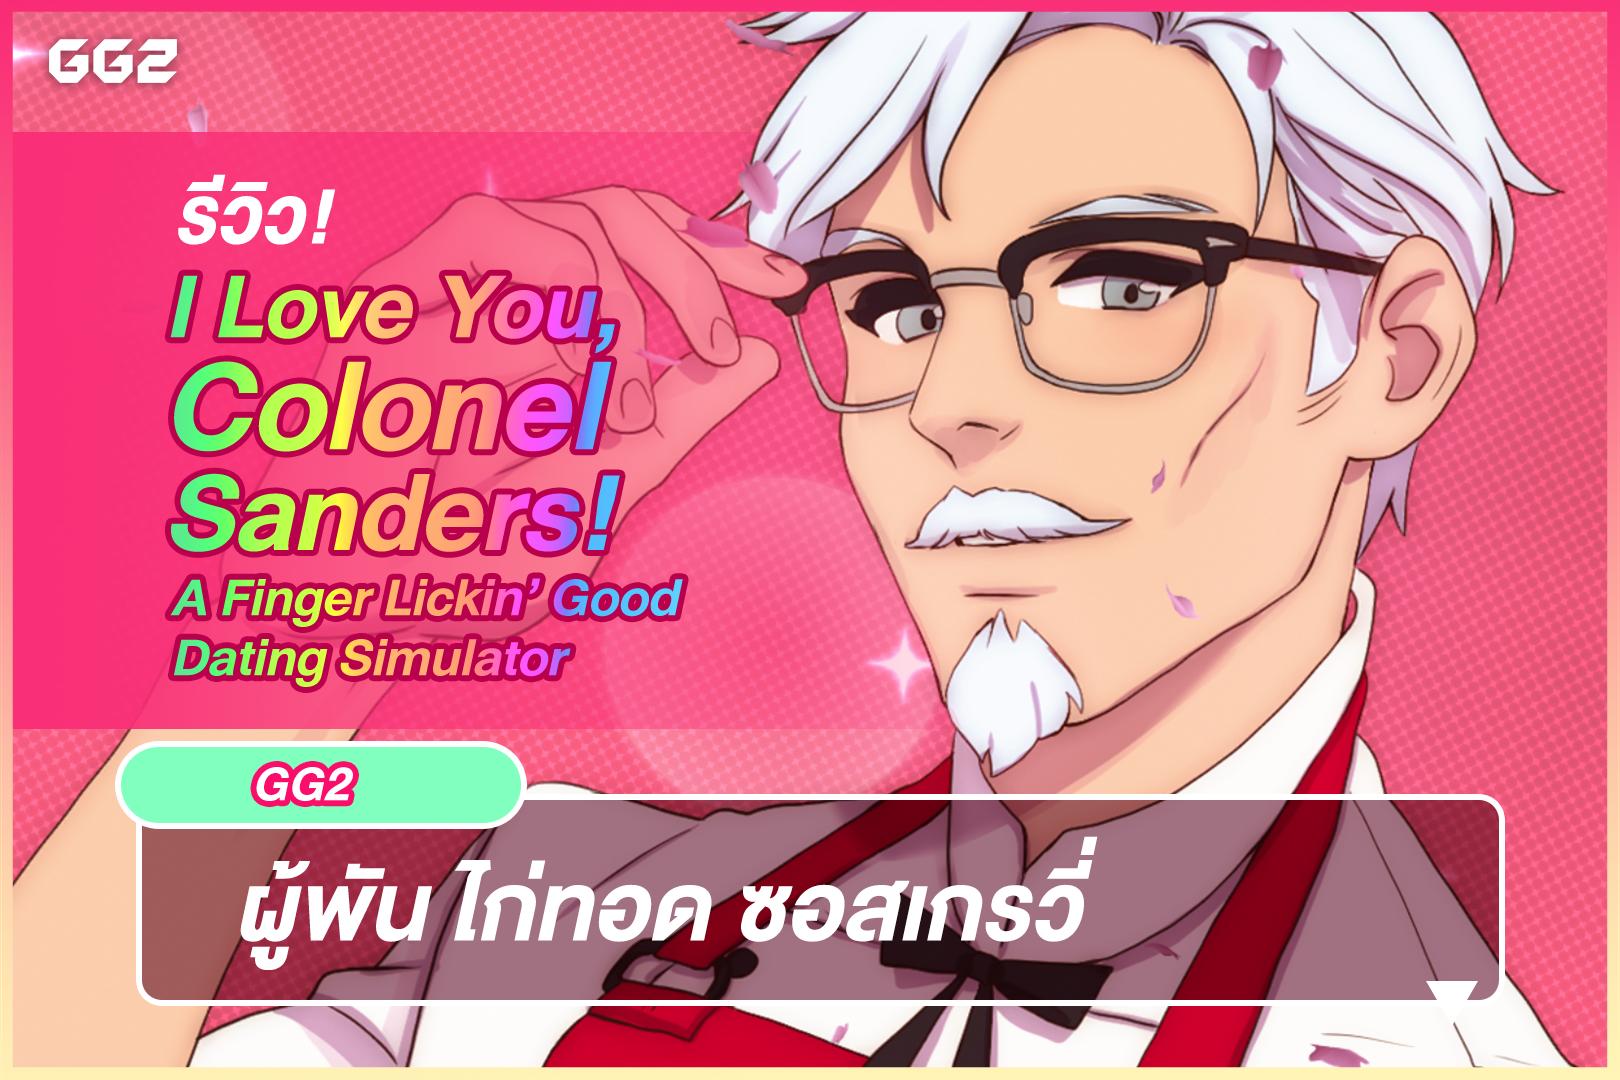 รีวิว I Love You, Colonel Sanders! A Finger Lickin' Good Dating Simulator : ผู้พัน ไก่ทอด ซอสเกรวี่